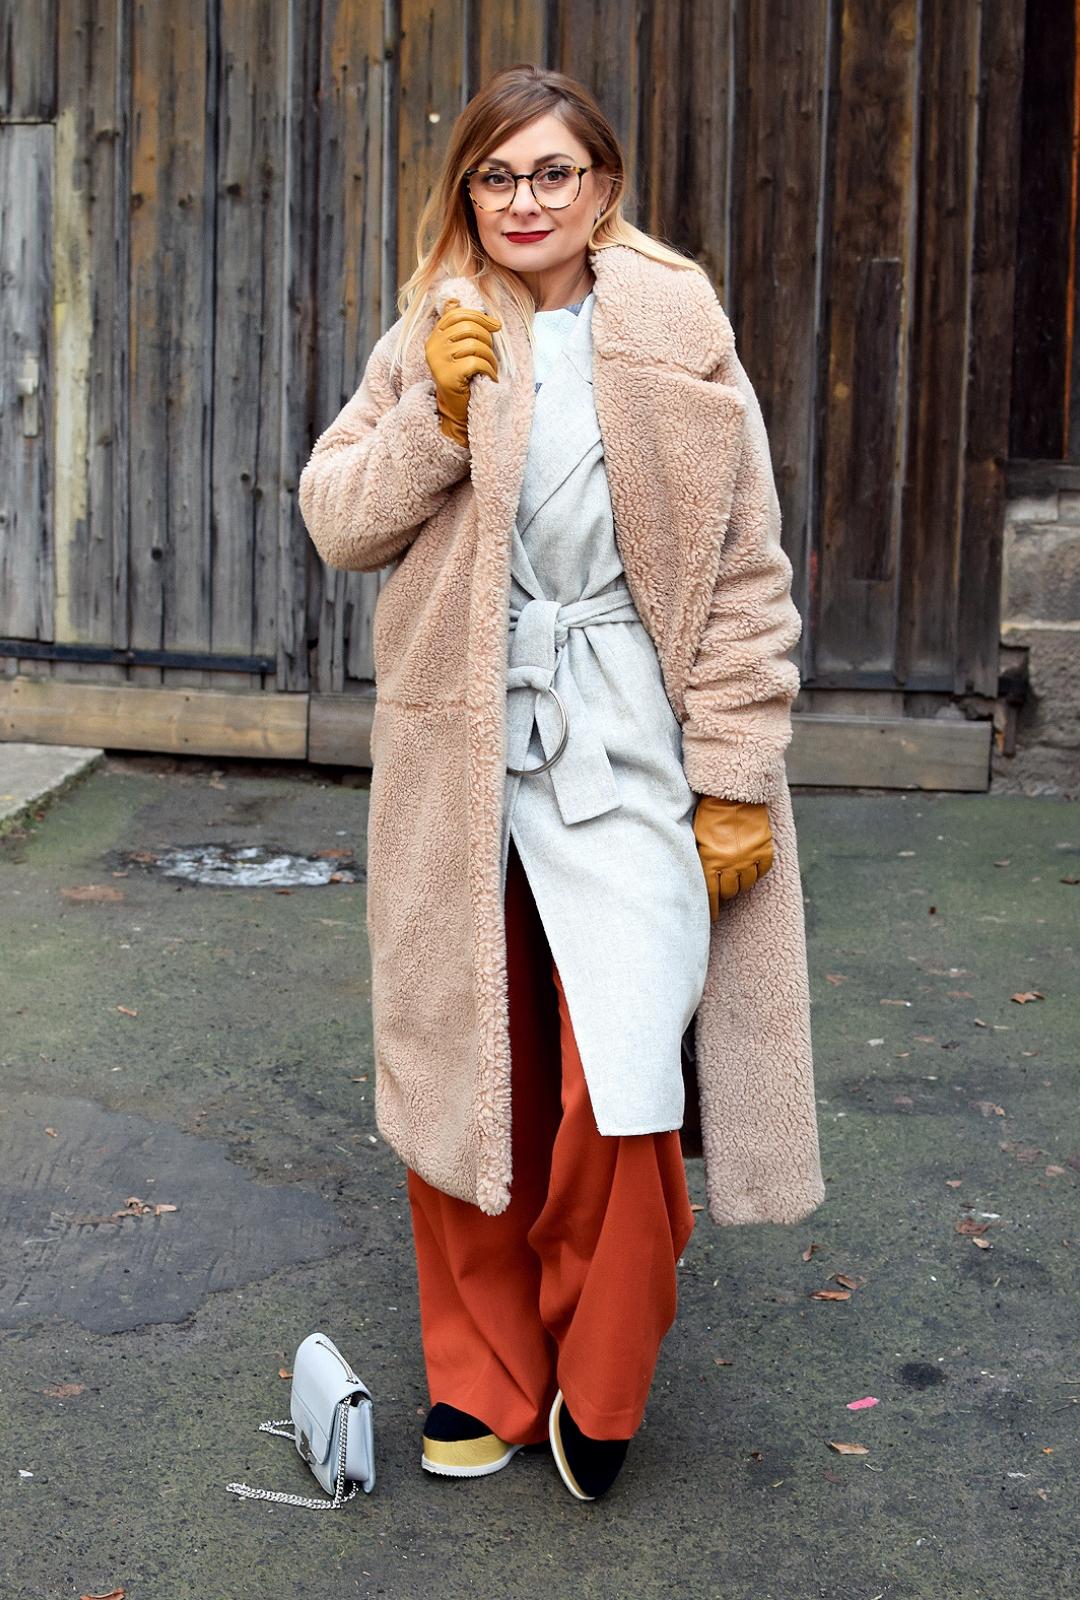 Mode für Frauen ab 30 und ab 40 / Modeblog